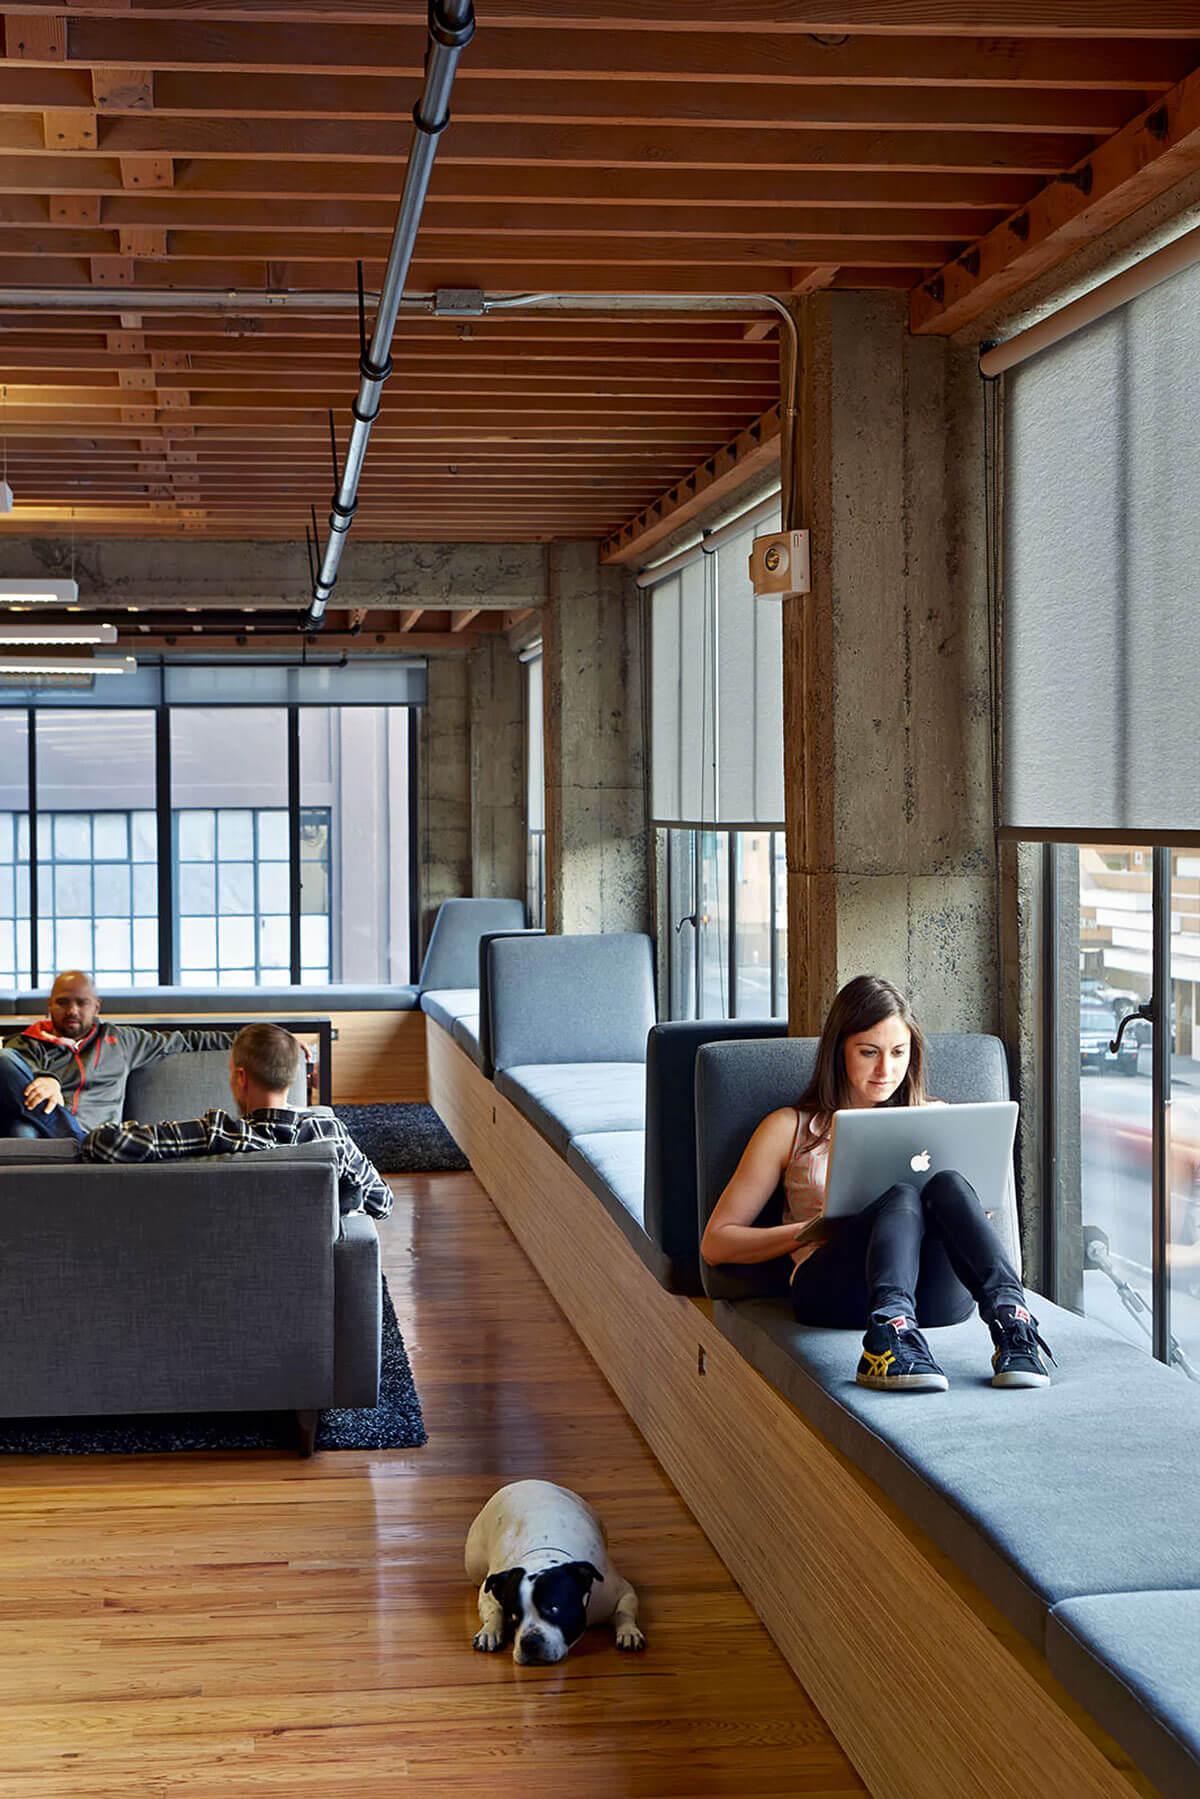 12 เทคนิคตกแต่งออฟฟิศเล็กให้ดูใหญ่ ถูกใจ SME และ home office 47 - Co-Working Space